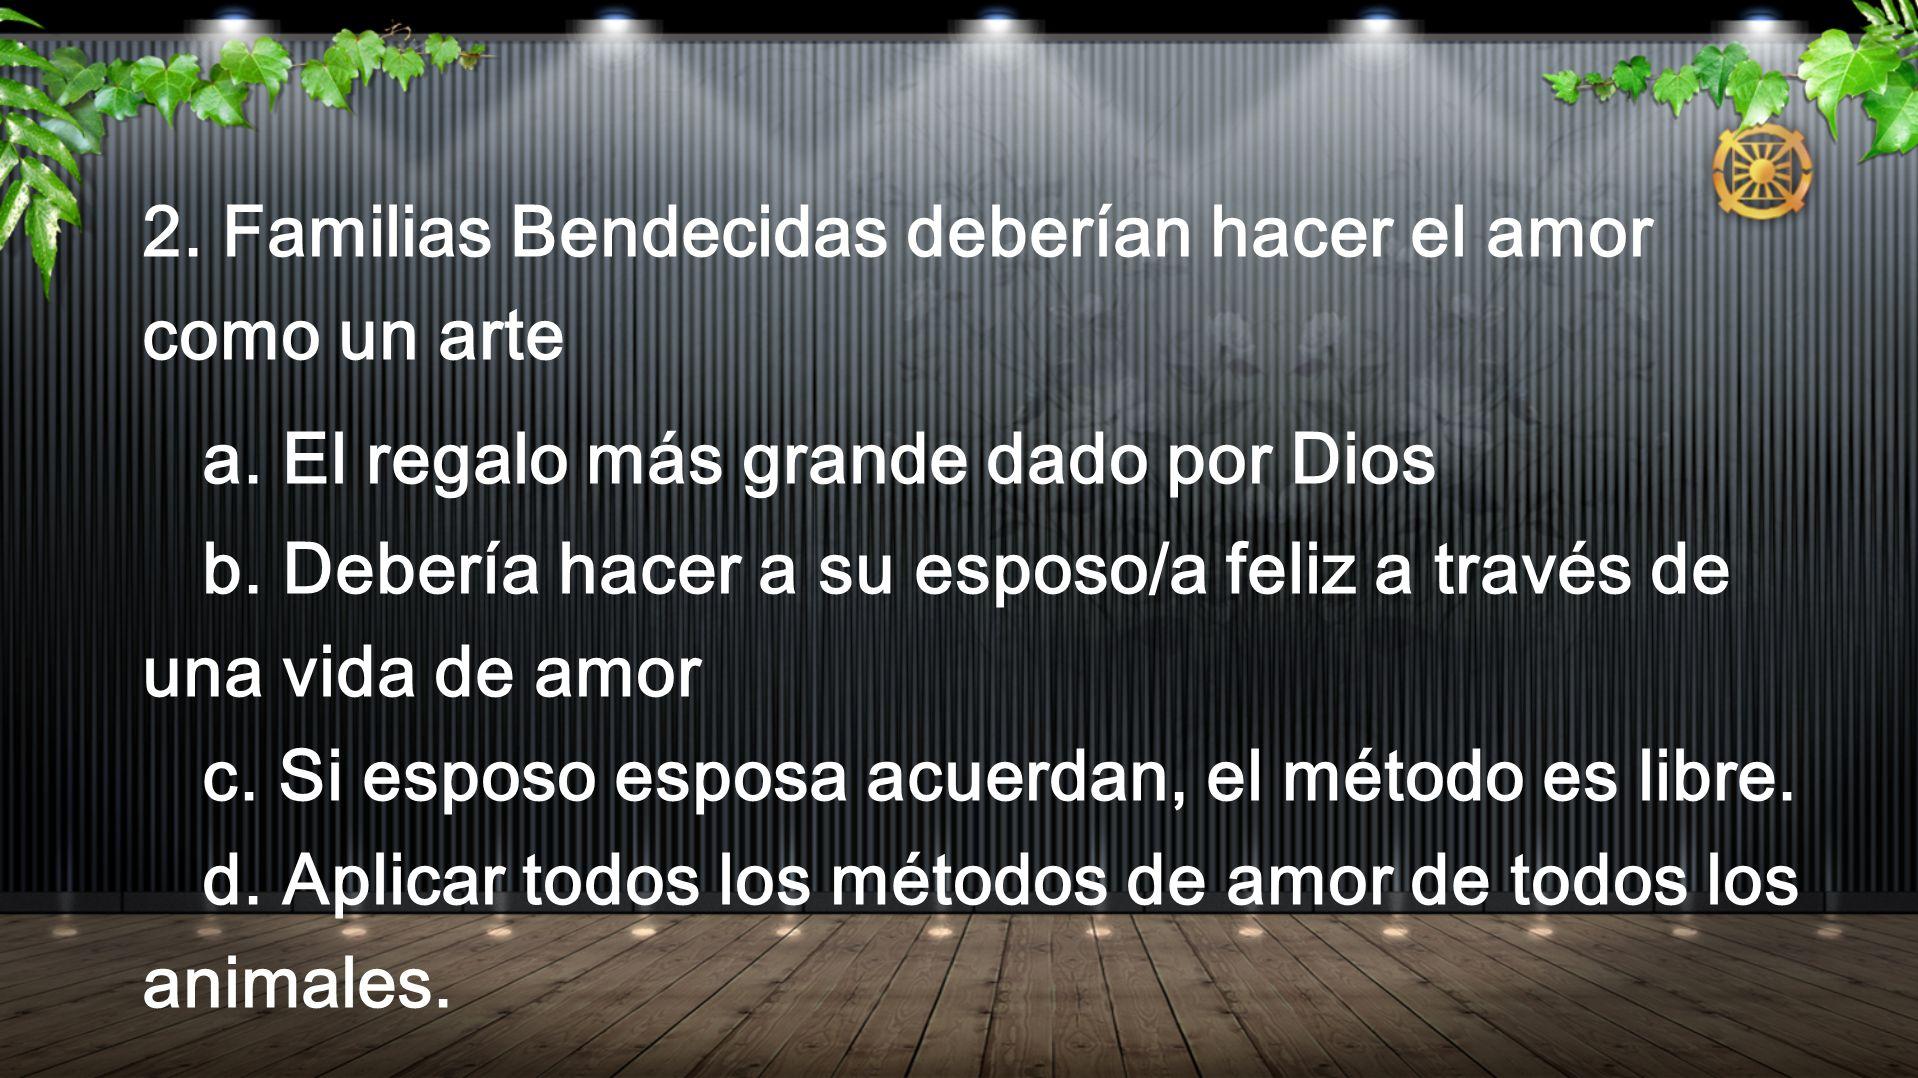 2. Familias Bendecidas deberían hacer el amor como un arte a. El regalo más grande dado por Dios b. Debería hacer a su esposo/a feliz a través de una